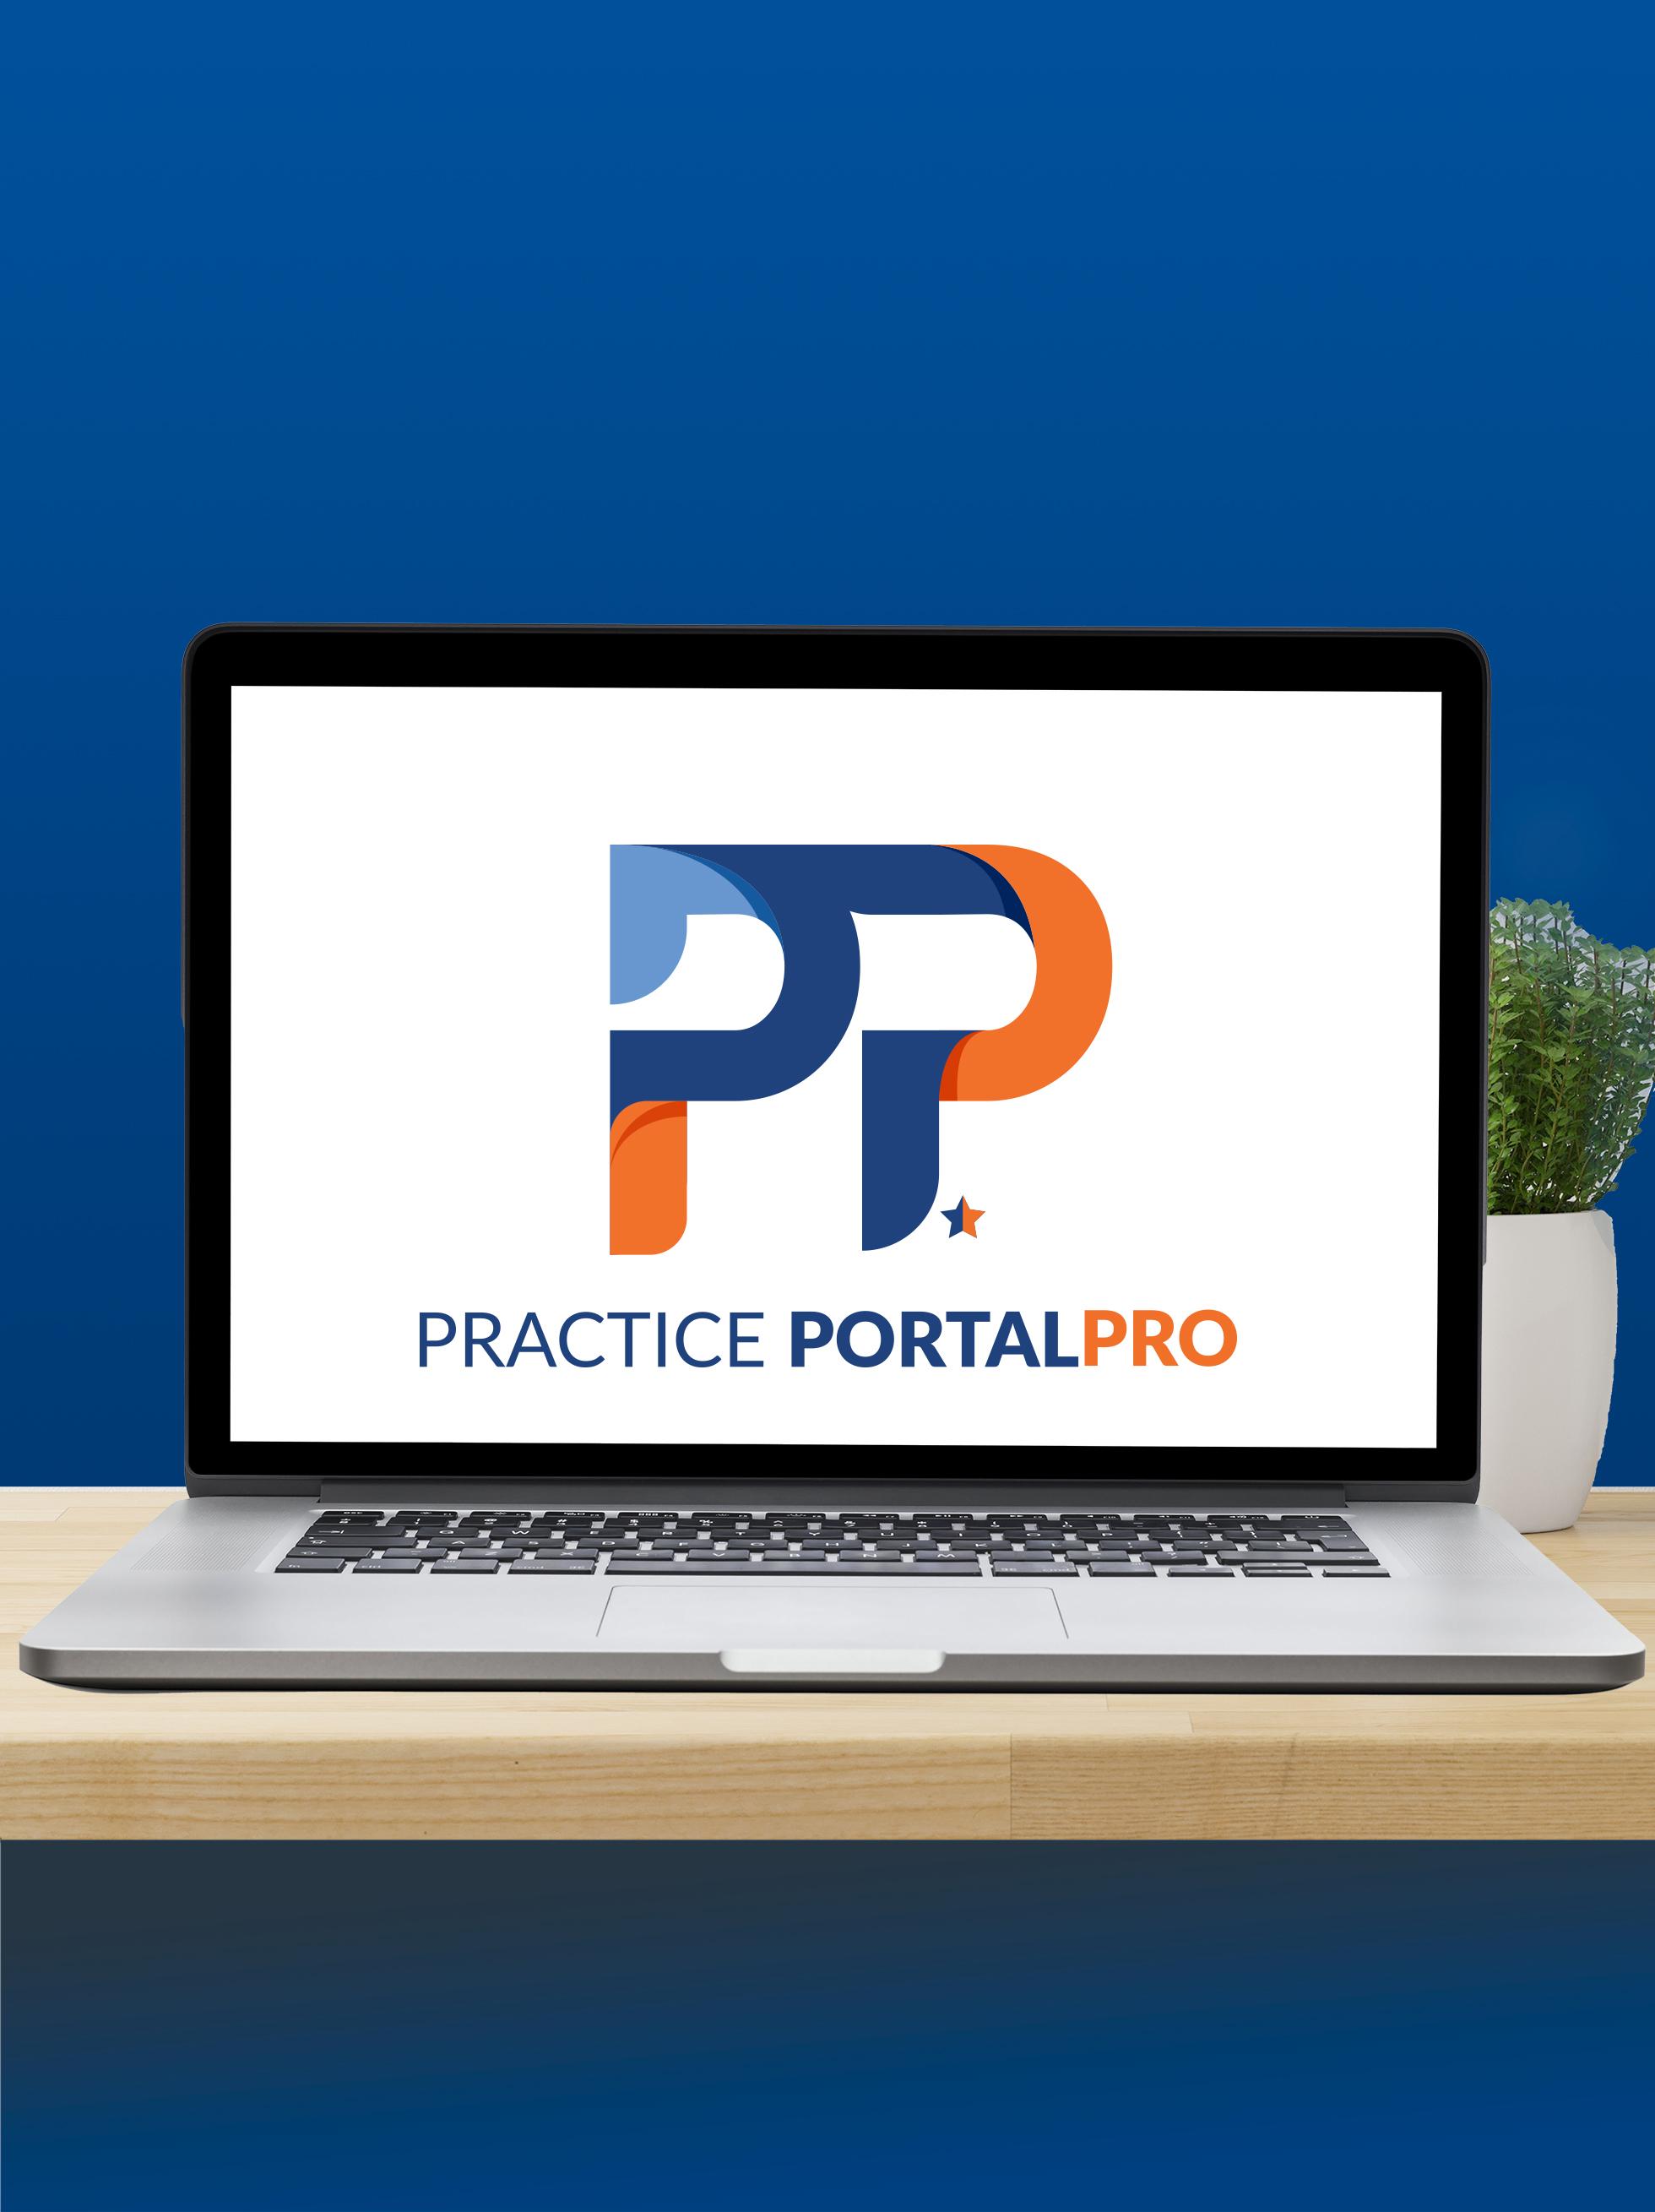 实践门户Pro和辅导WR/ENV包